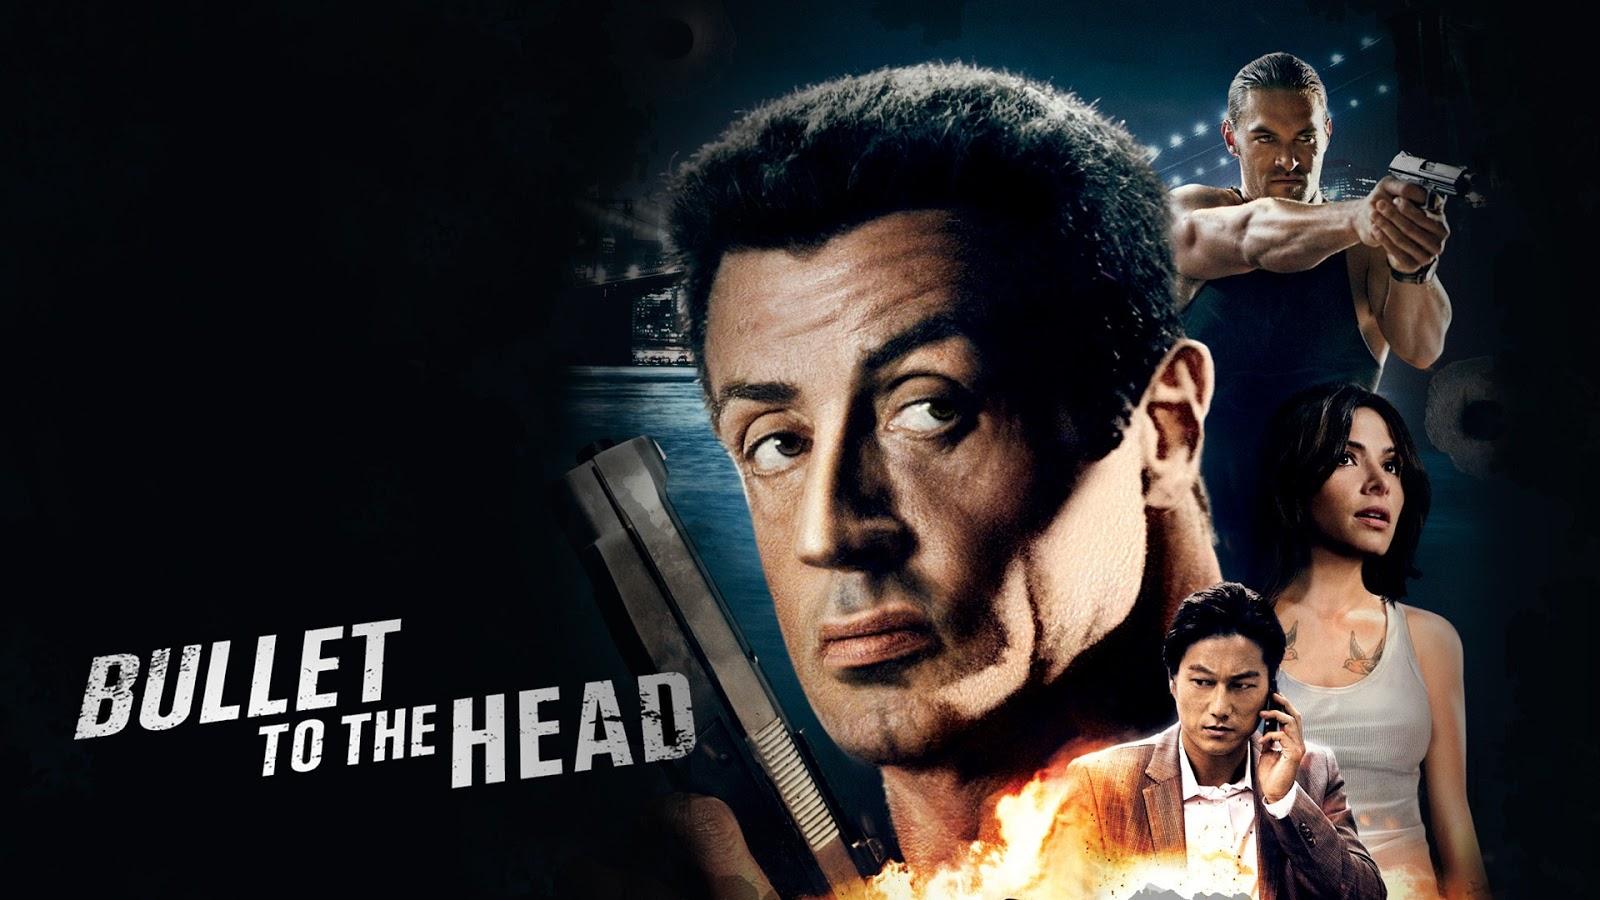 http://1.bp.blogspot.com/-4Kic2uVBD2I/URsmsNRQTFI/AAAAAAAAA6Y/b6eTMbT-L1Y/s1600/Bullet+To+The+Head.jpg